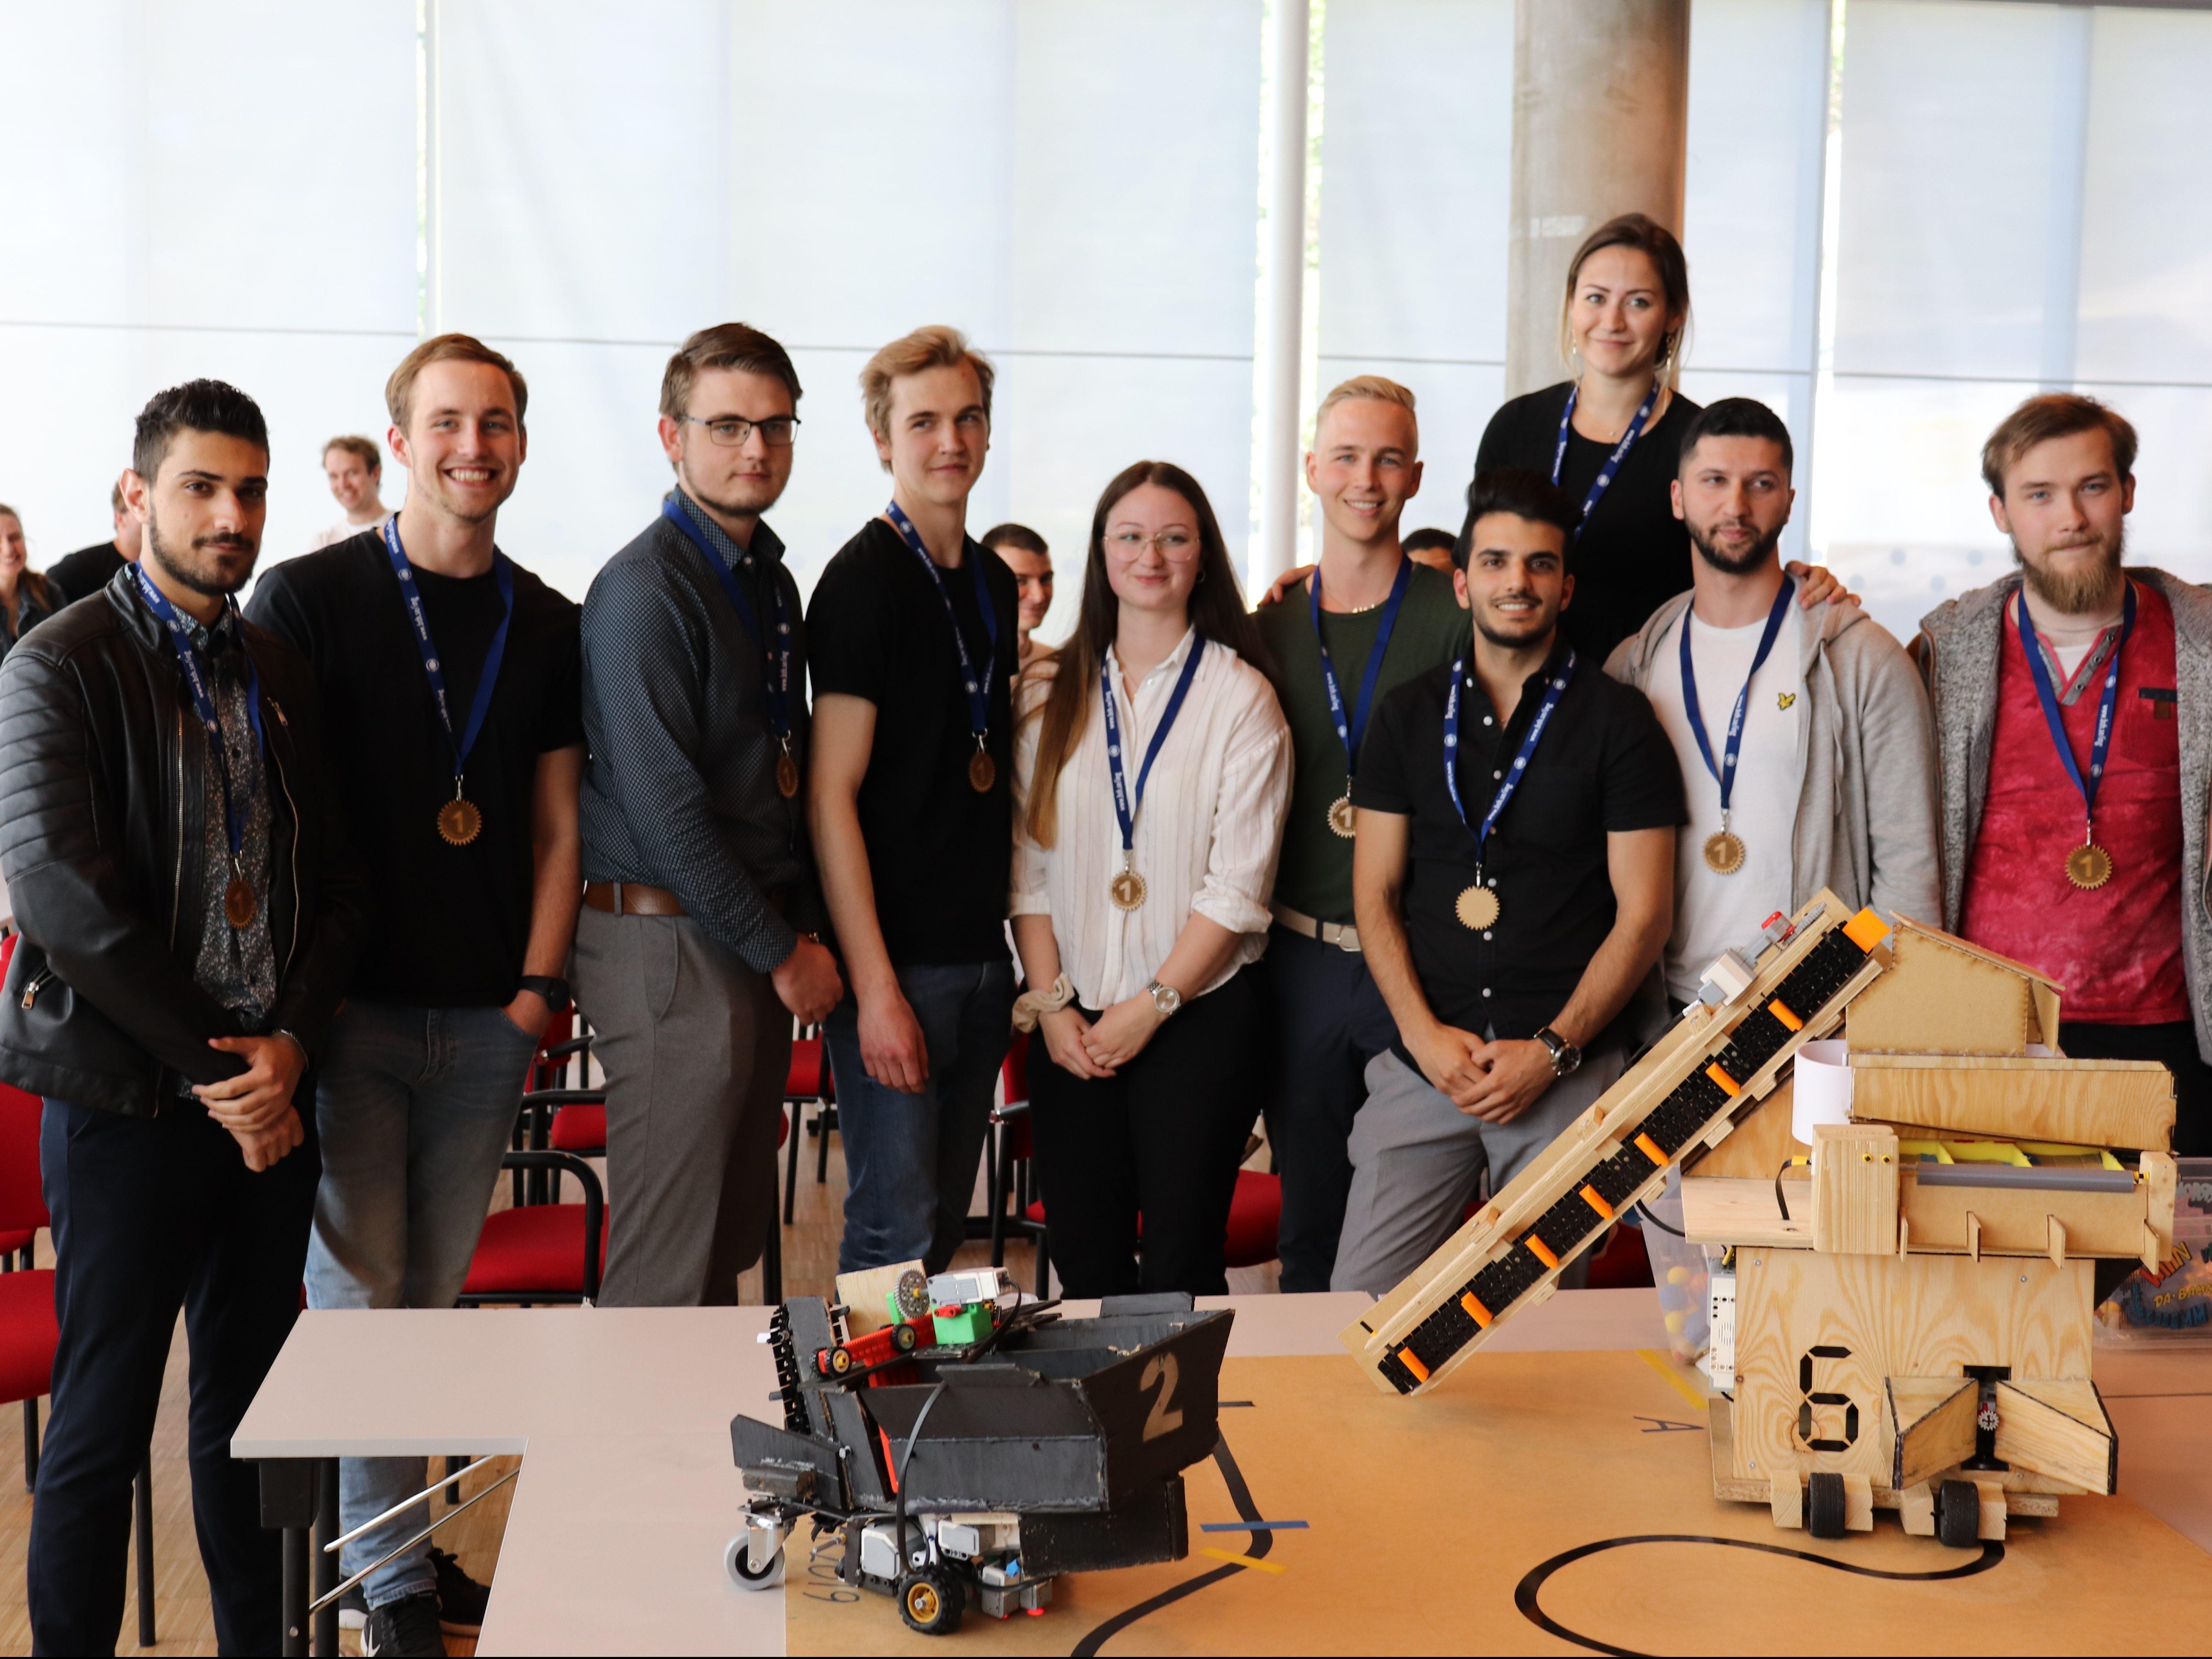 Studentprojekt: Samverkande autonoma robotar utvecklade av samarbetande ingenjörsteam